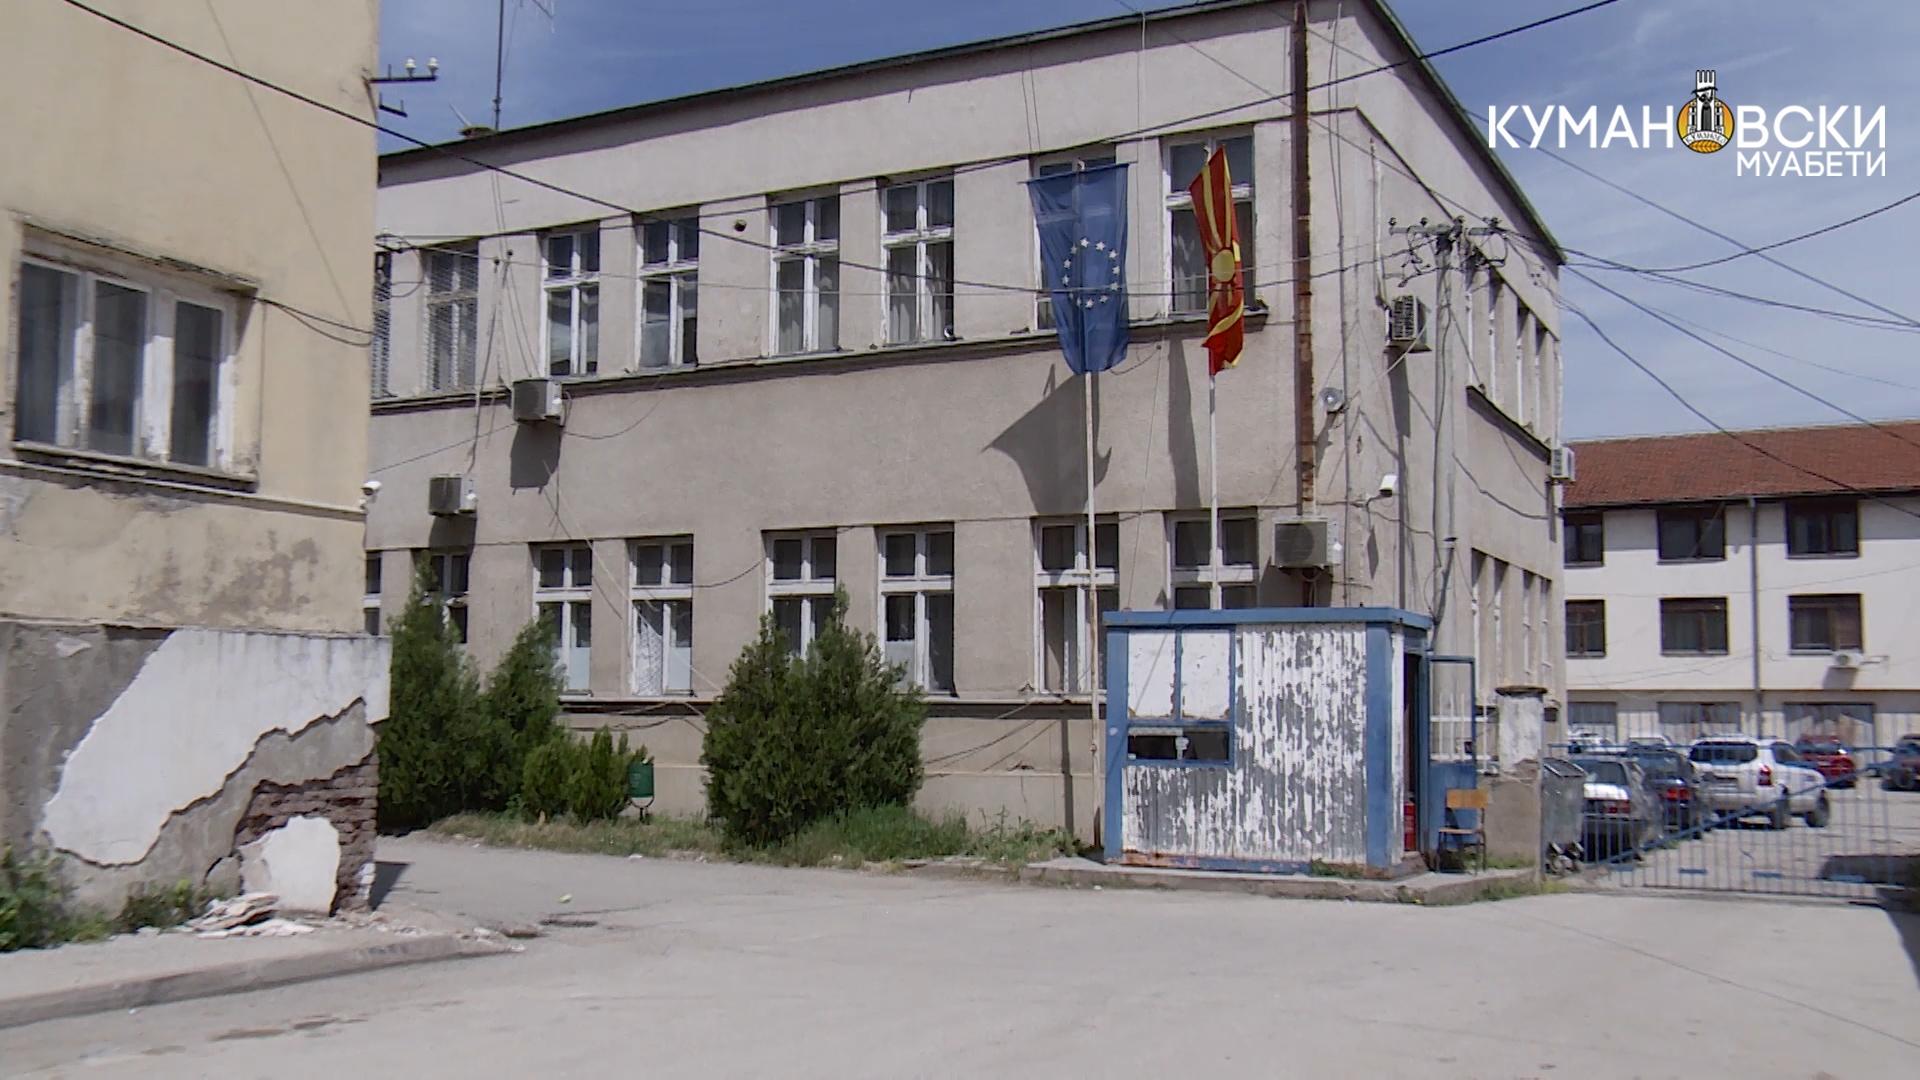 """СВР Куманово поднесе прекршочни за """"злоупотреба на  службената положба и овластување"""""""